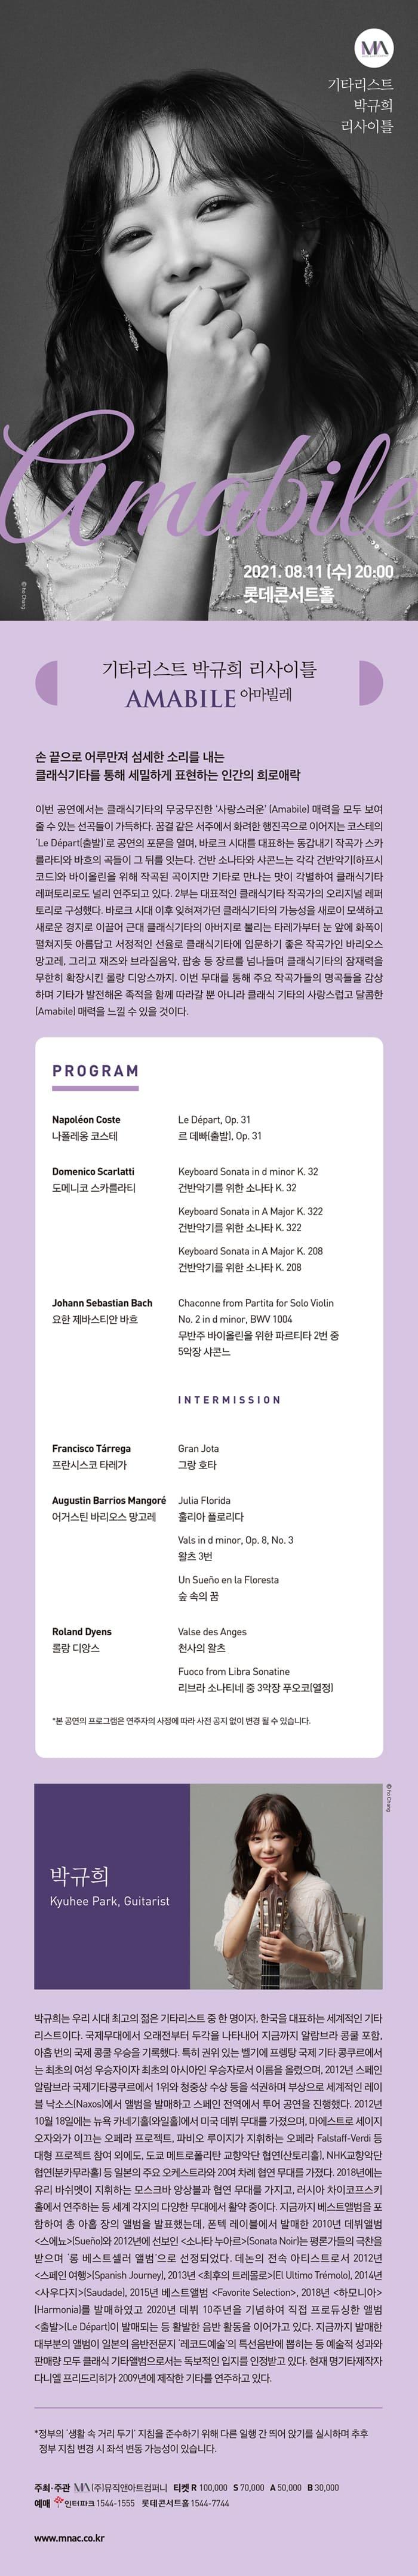 0811박규희-롯데콘서트홀(700px)_1.jpg